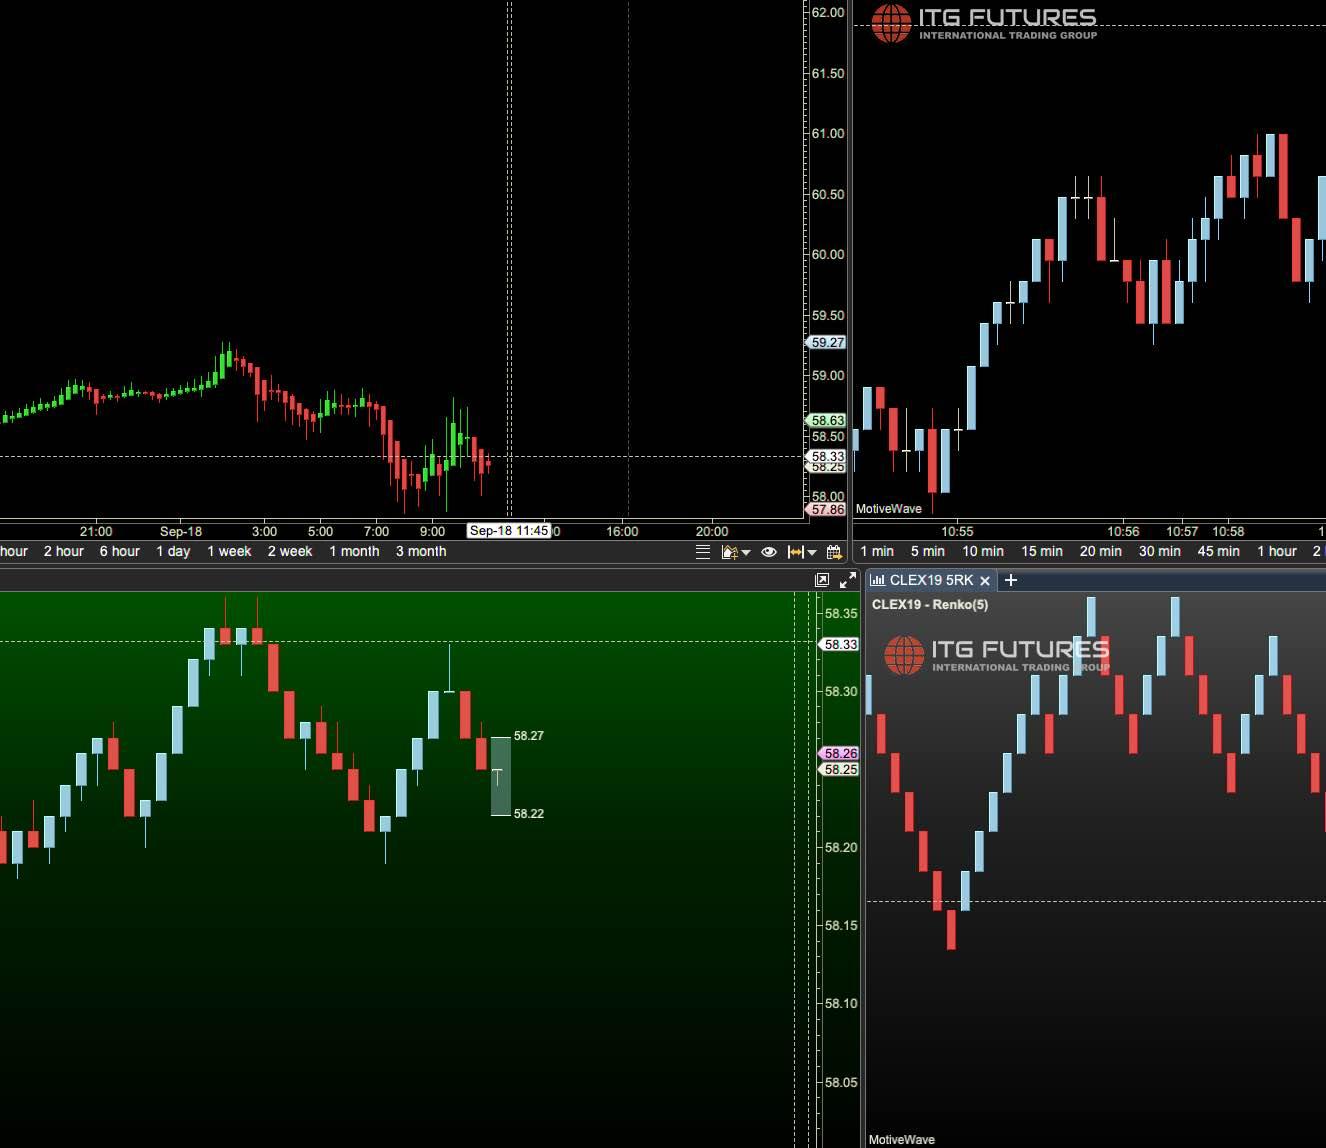 ITG Charts